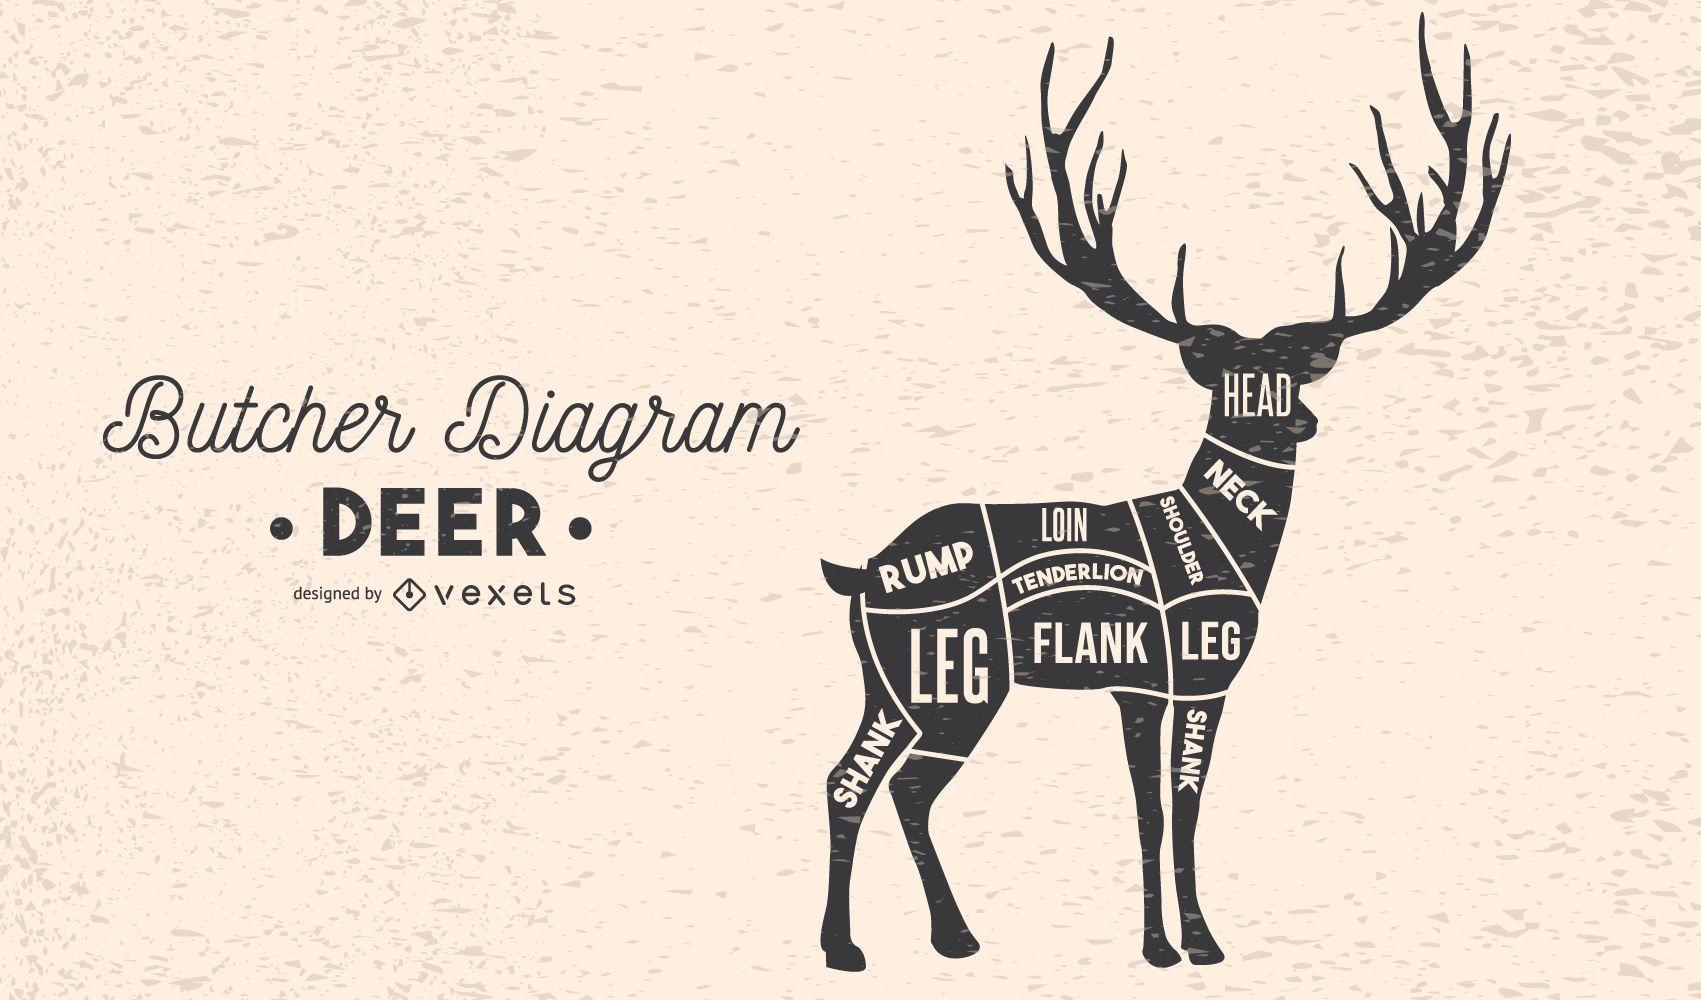 Deer Butcher Diagram